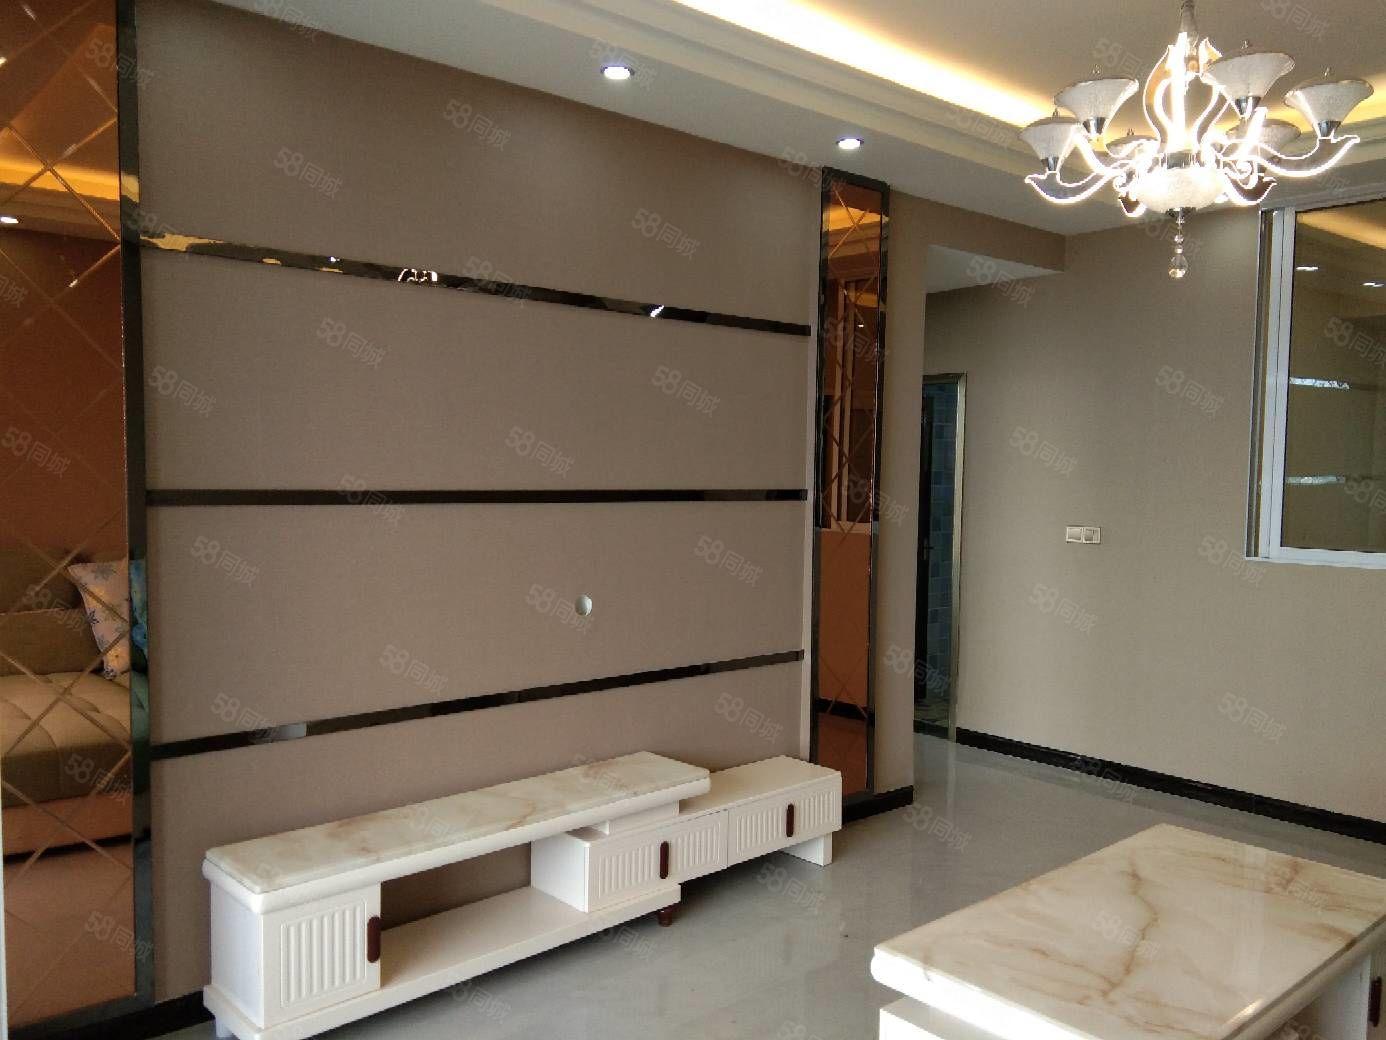 學府苑16樓8315平米。3室1廳1衛。精裝修帶家具。